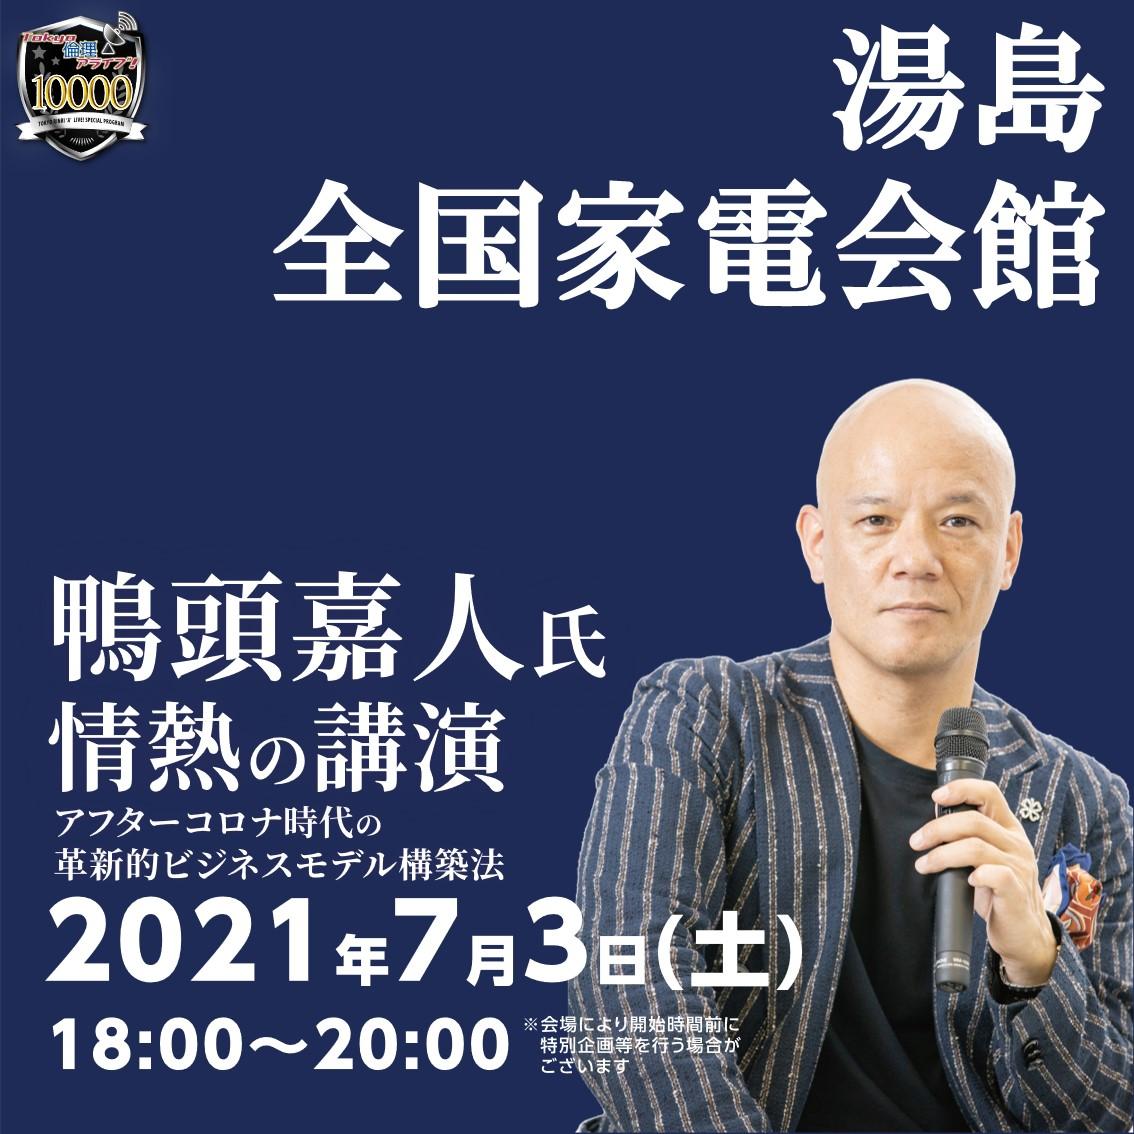 【湯島】倫理アライブ10000サテライト会場【全国家電会館5階会議室】